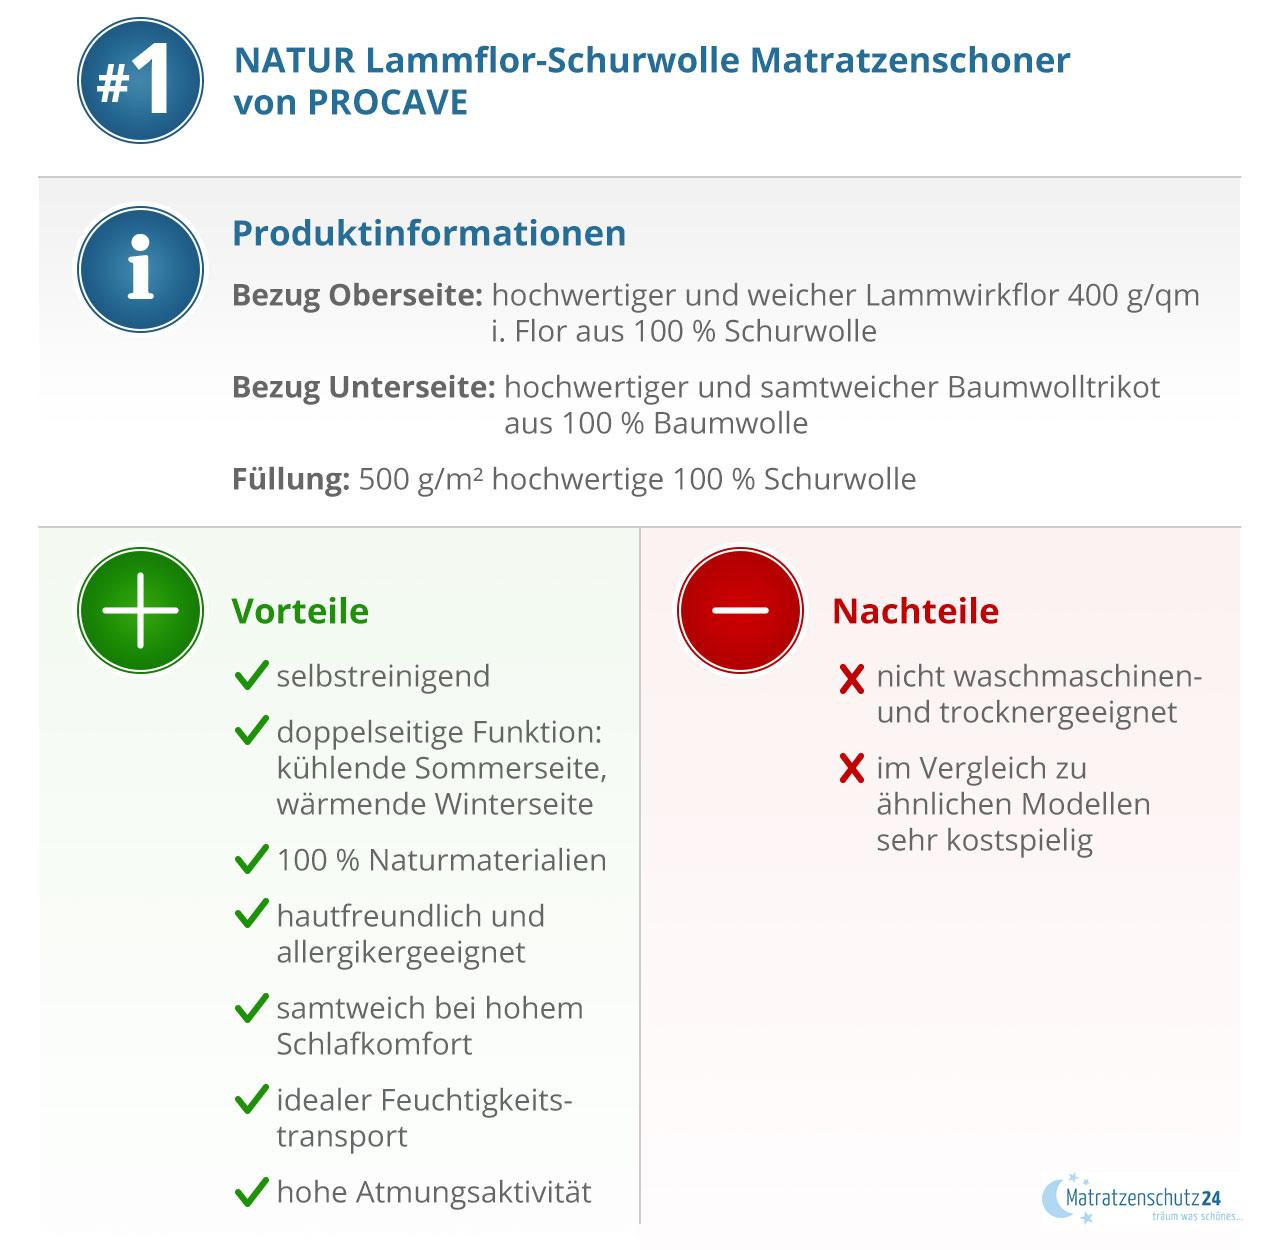 Produktinformation Lammflor-Auflage